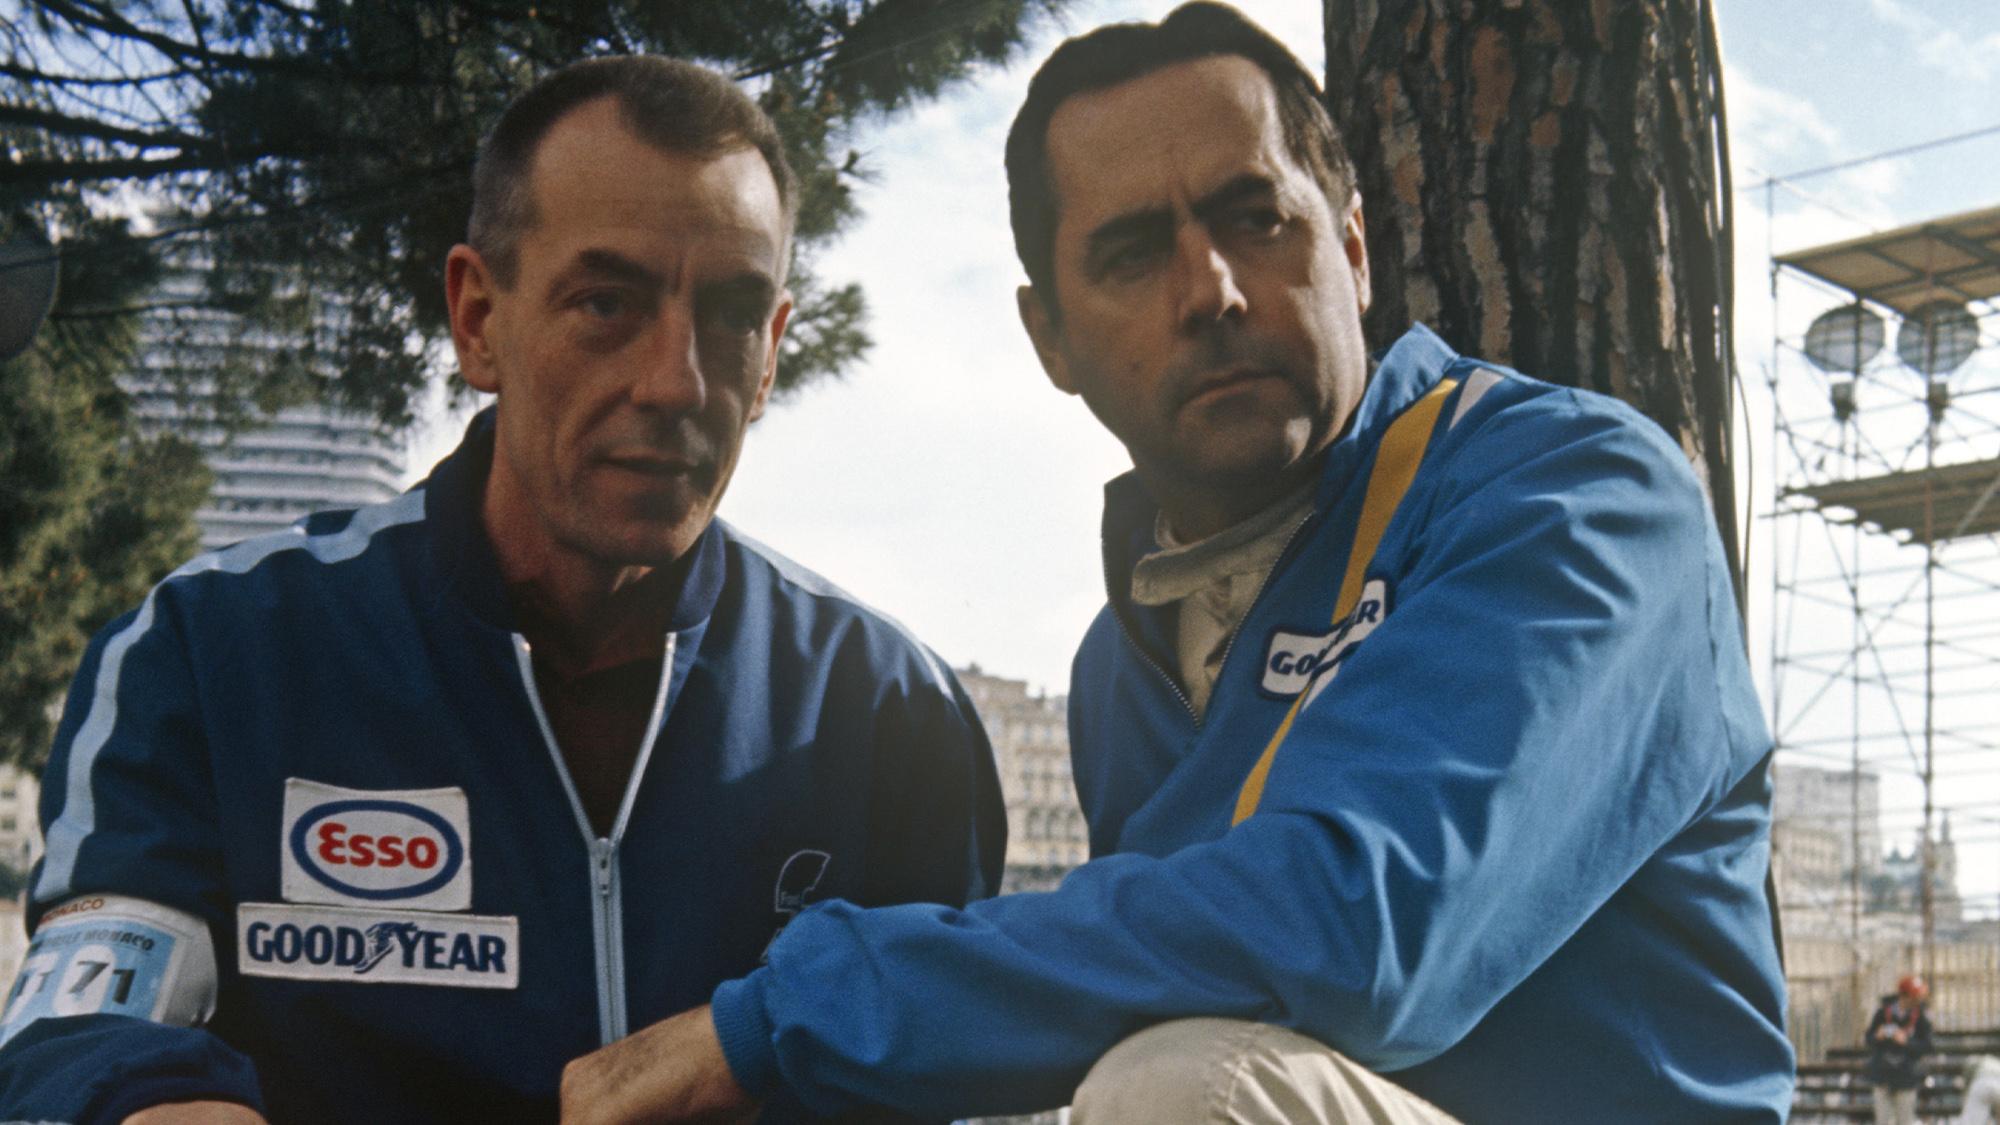 Ron Tauranac and Jack Brabham